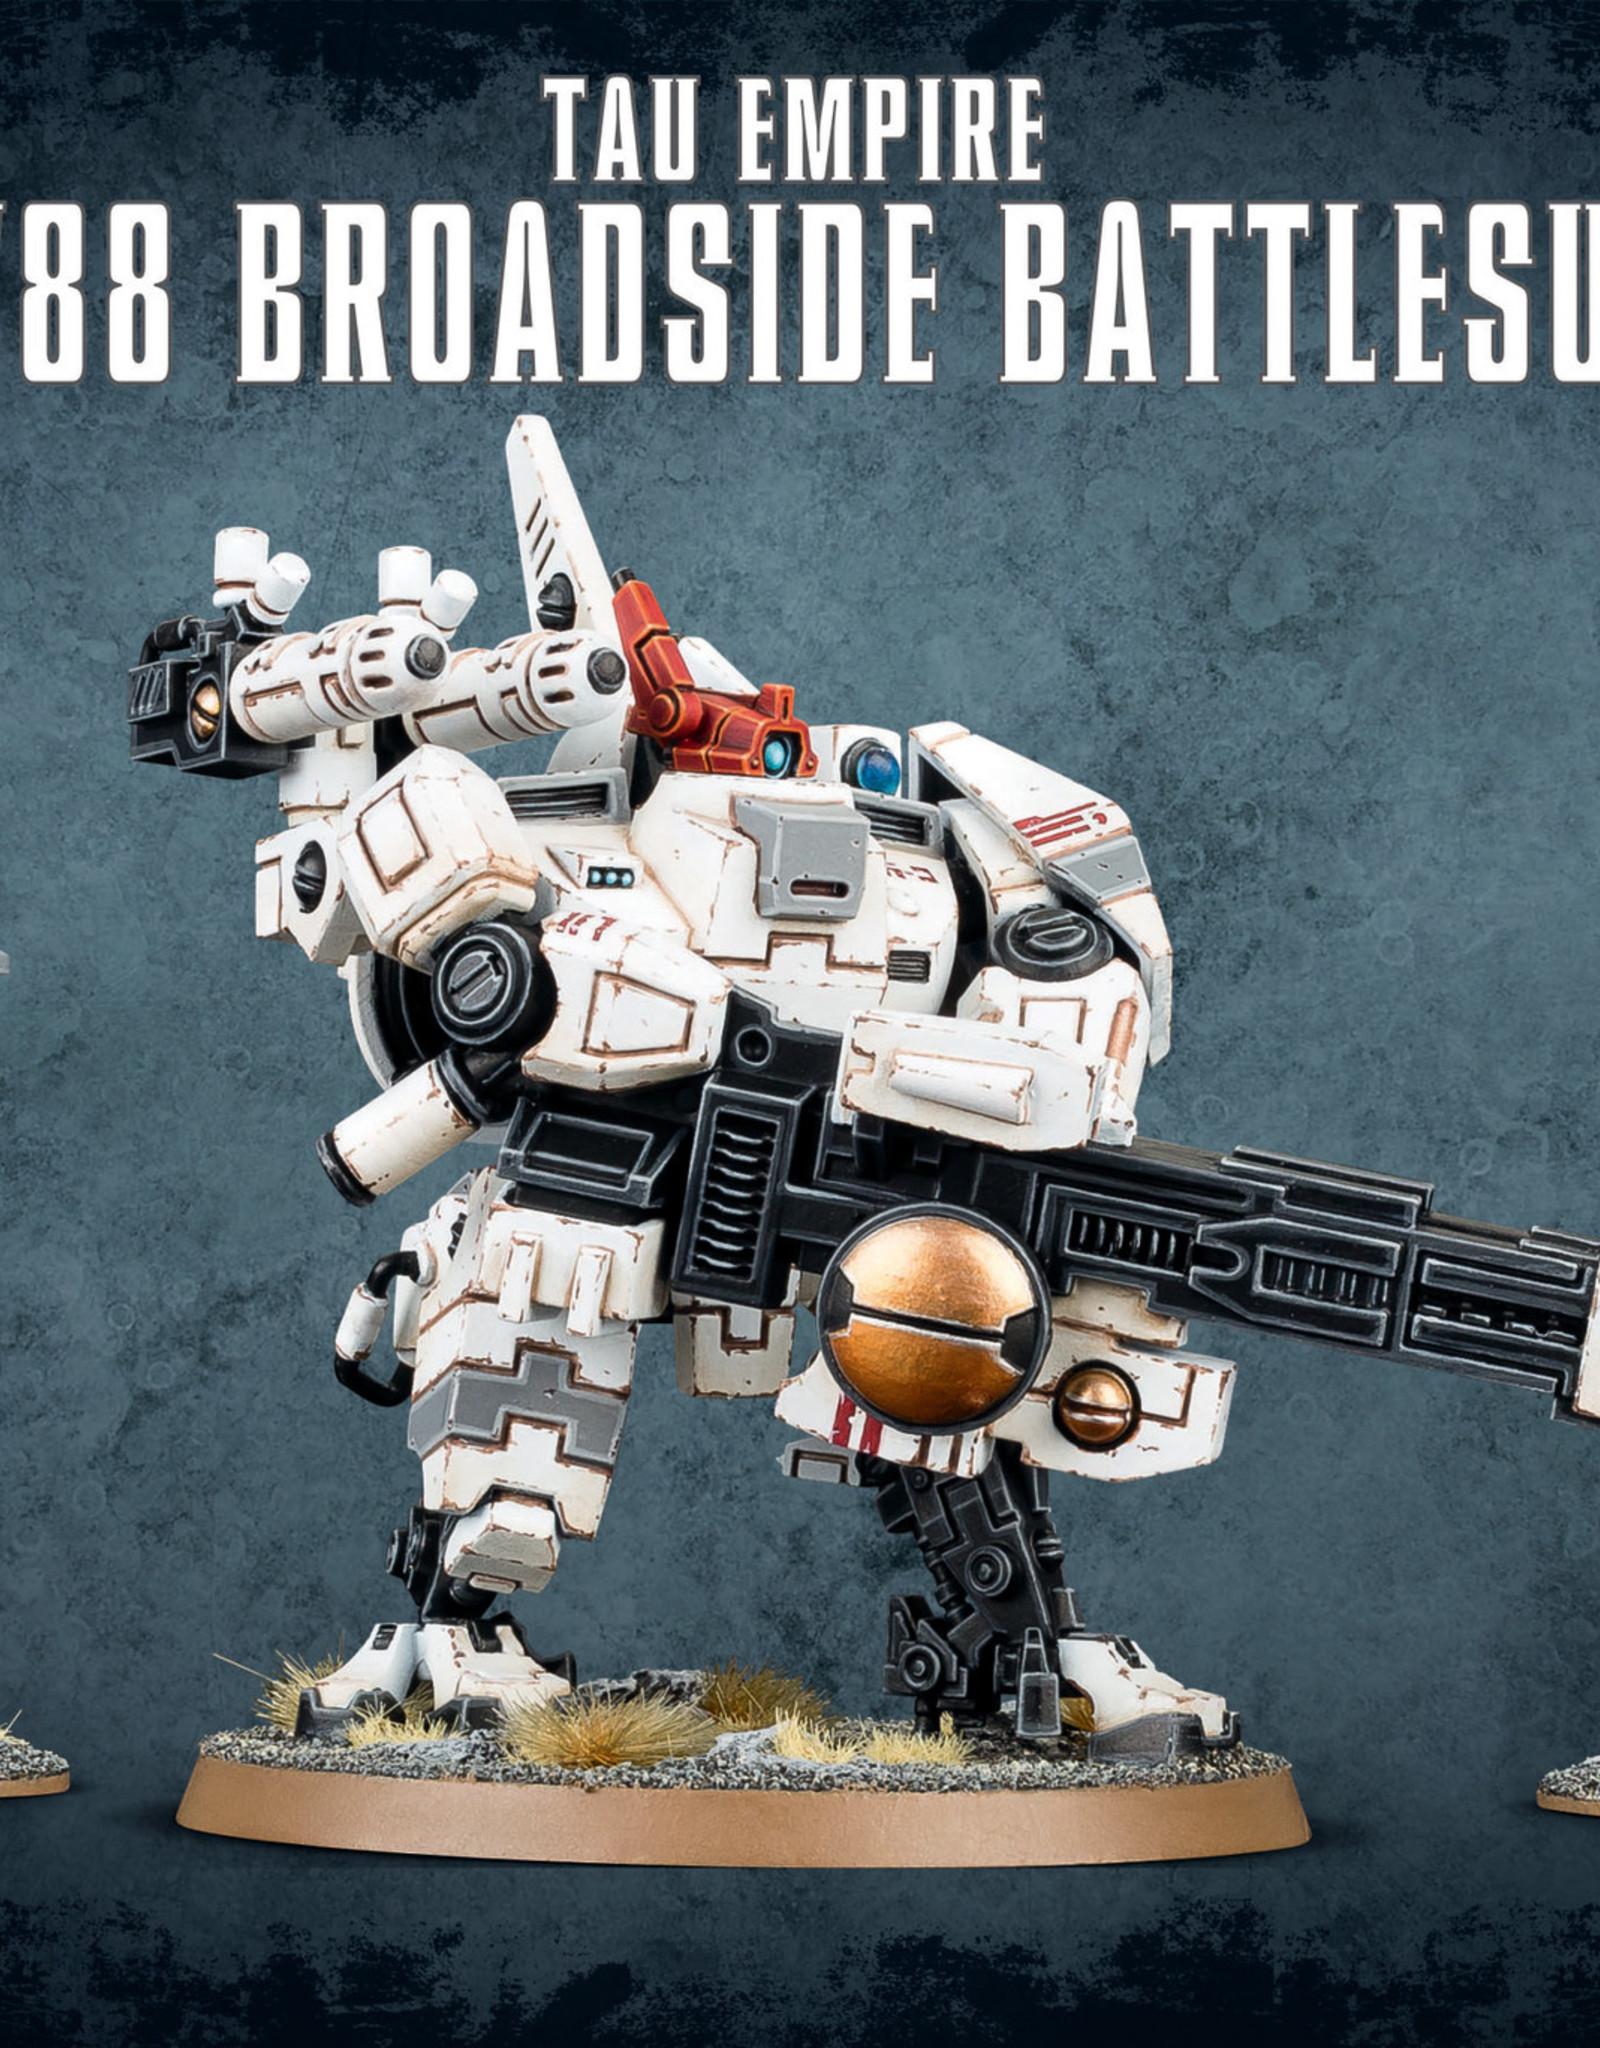 Games Workshop Warhammer 40K: Tau Empire XV88 Broadside Battlesuit